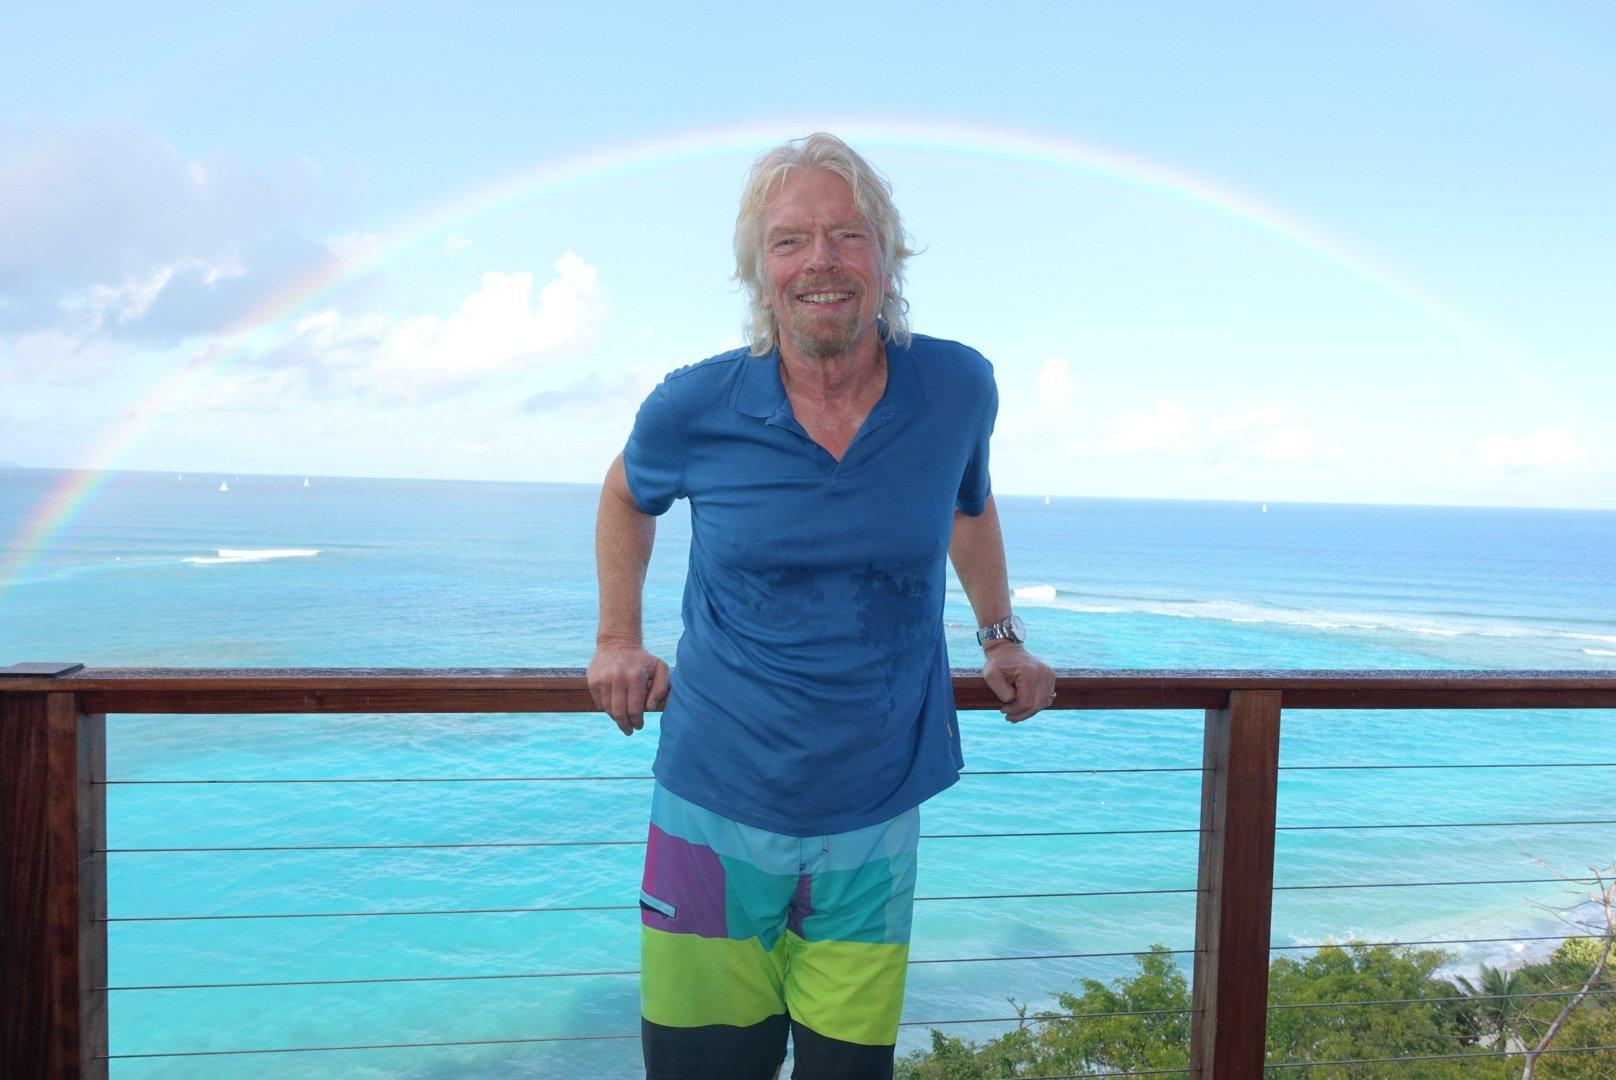 Три жизненных стратегии предпринимателя